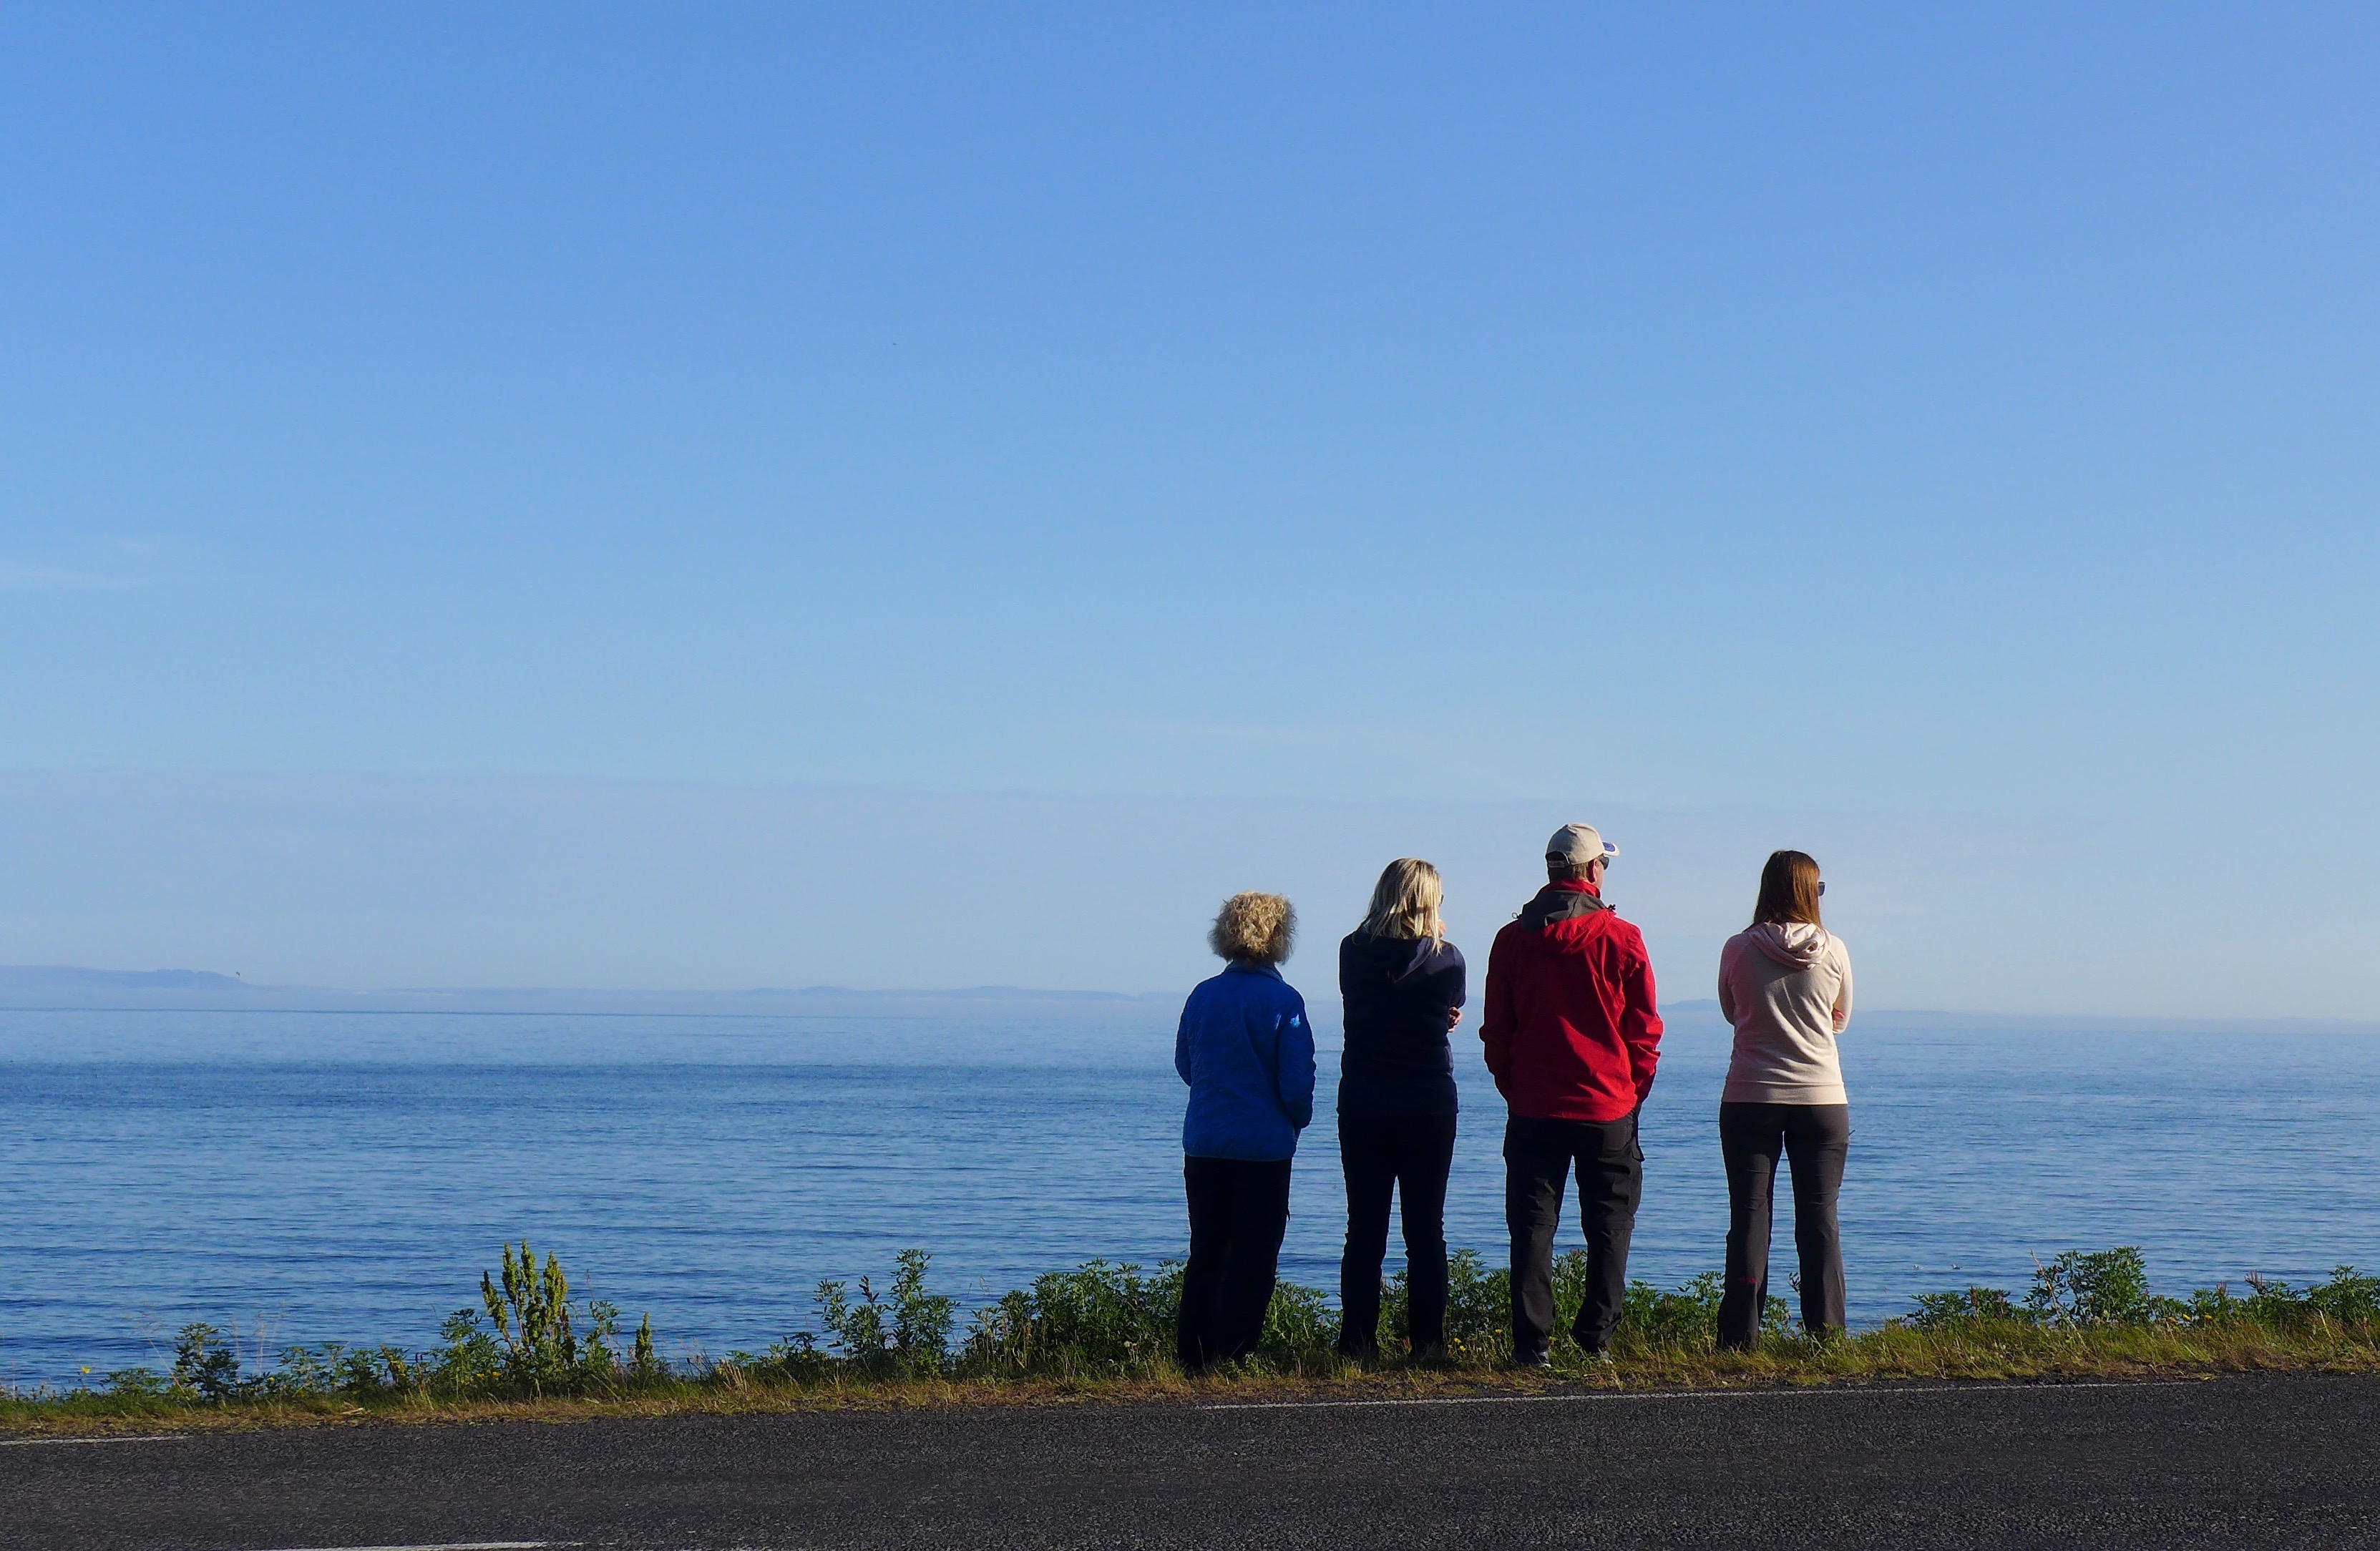 Olasavik Ocean View